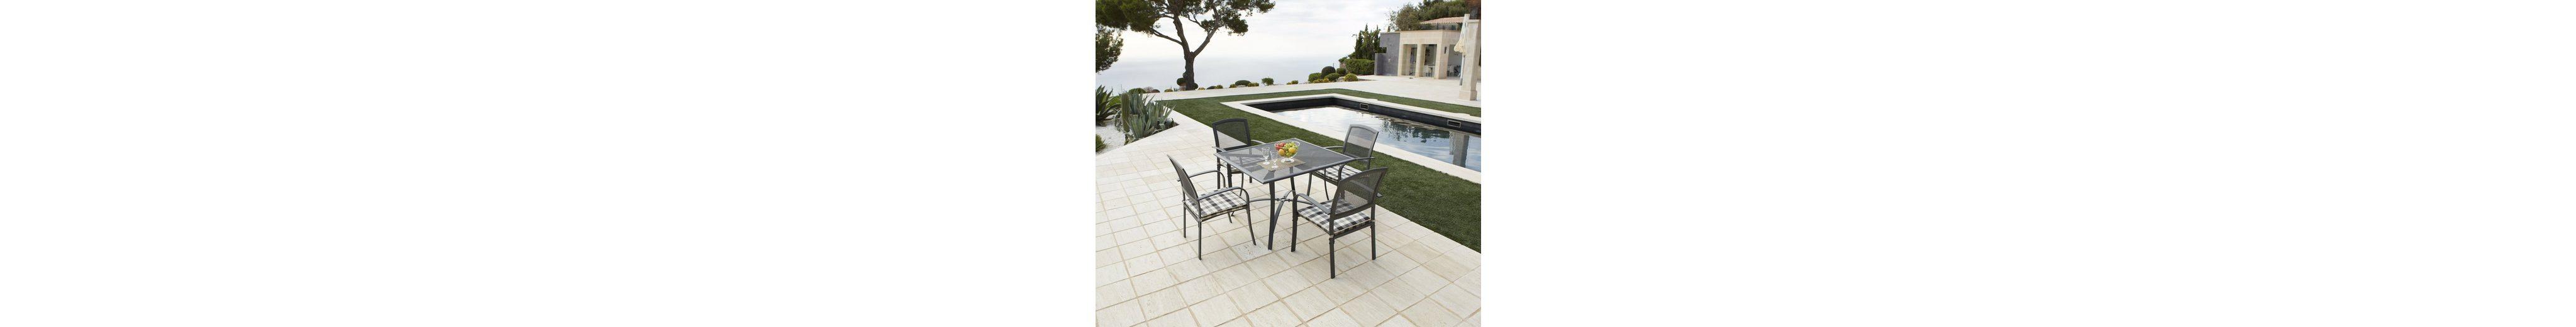 9-tgl. Gartenmöbelset »Montreal«, 4 Sessel + Auflagen, Tisch 110x110 cm, Alu, anthrazit